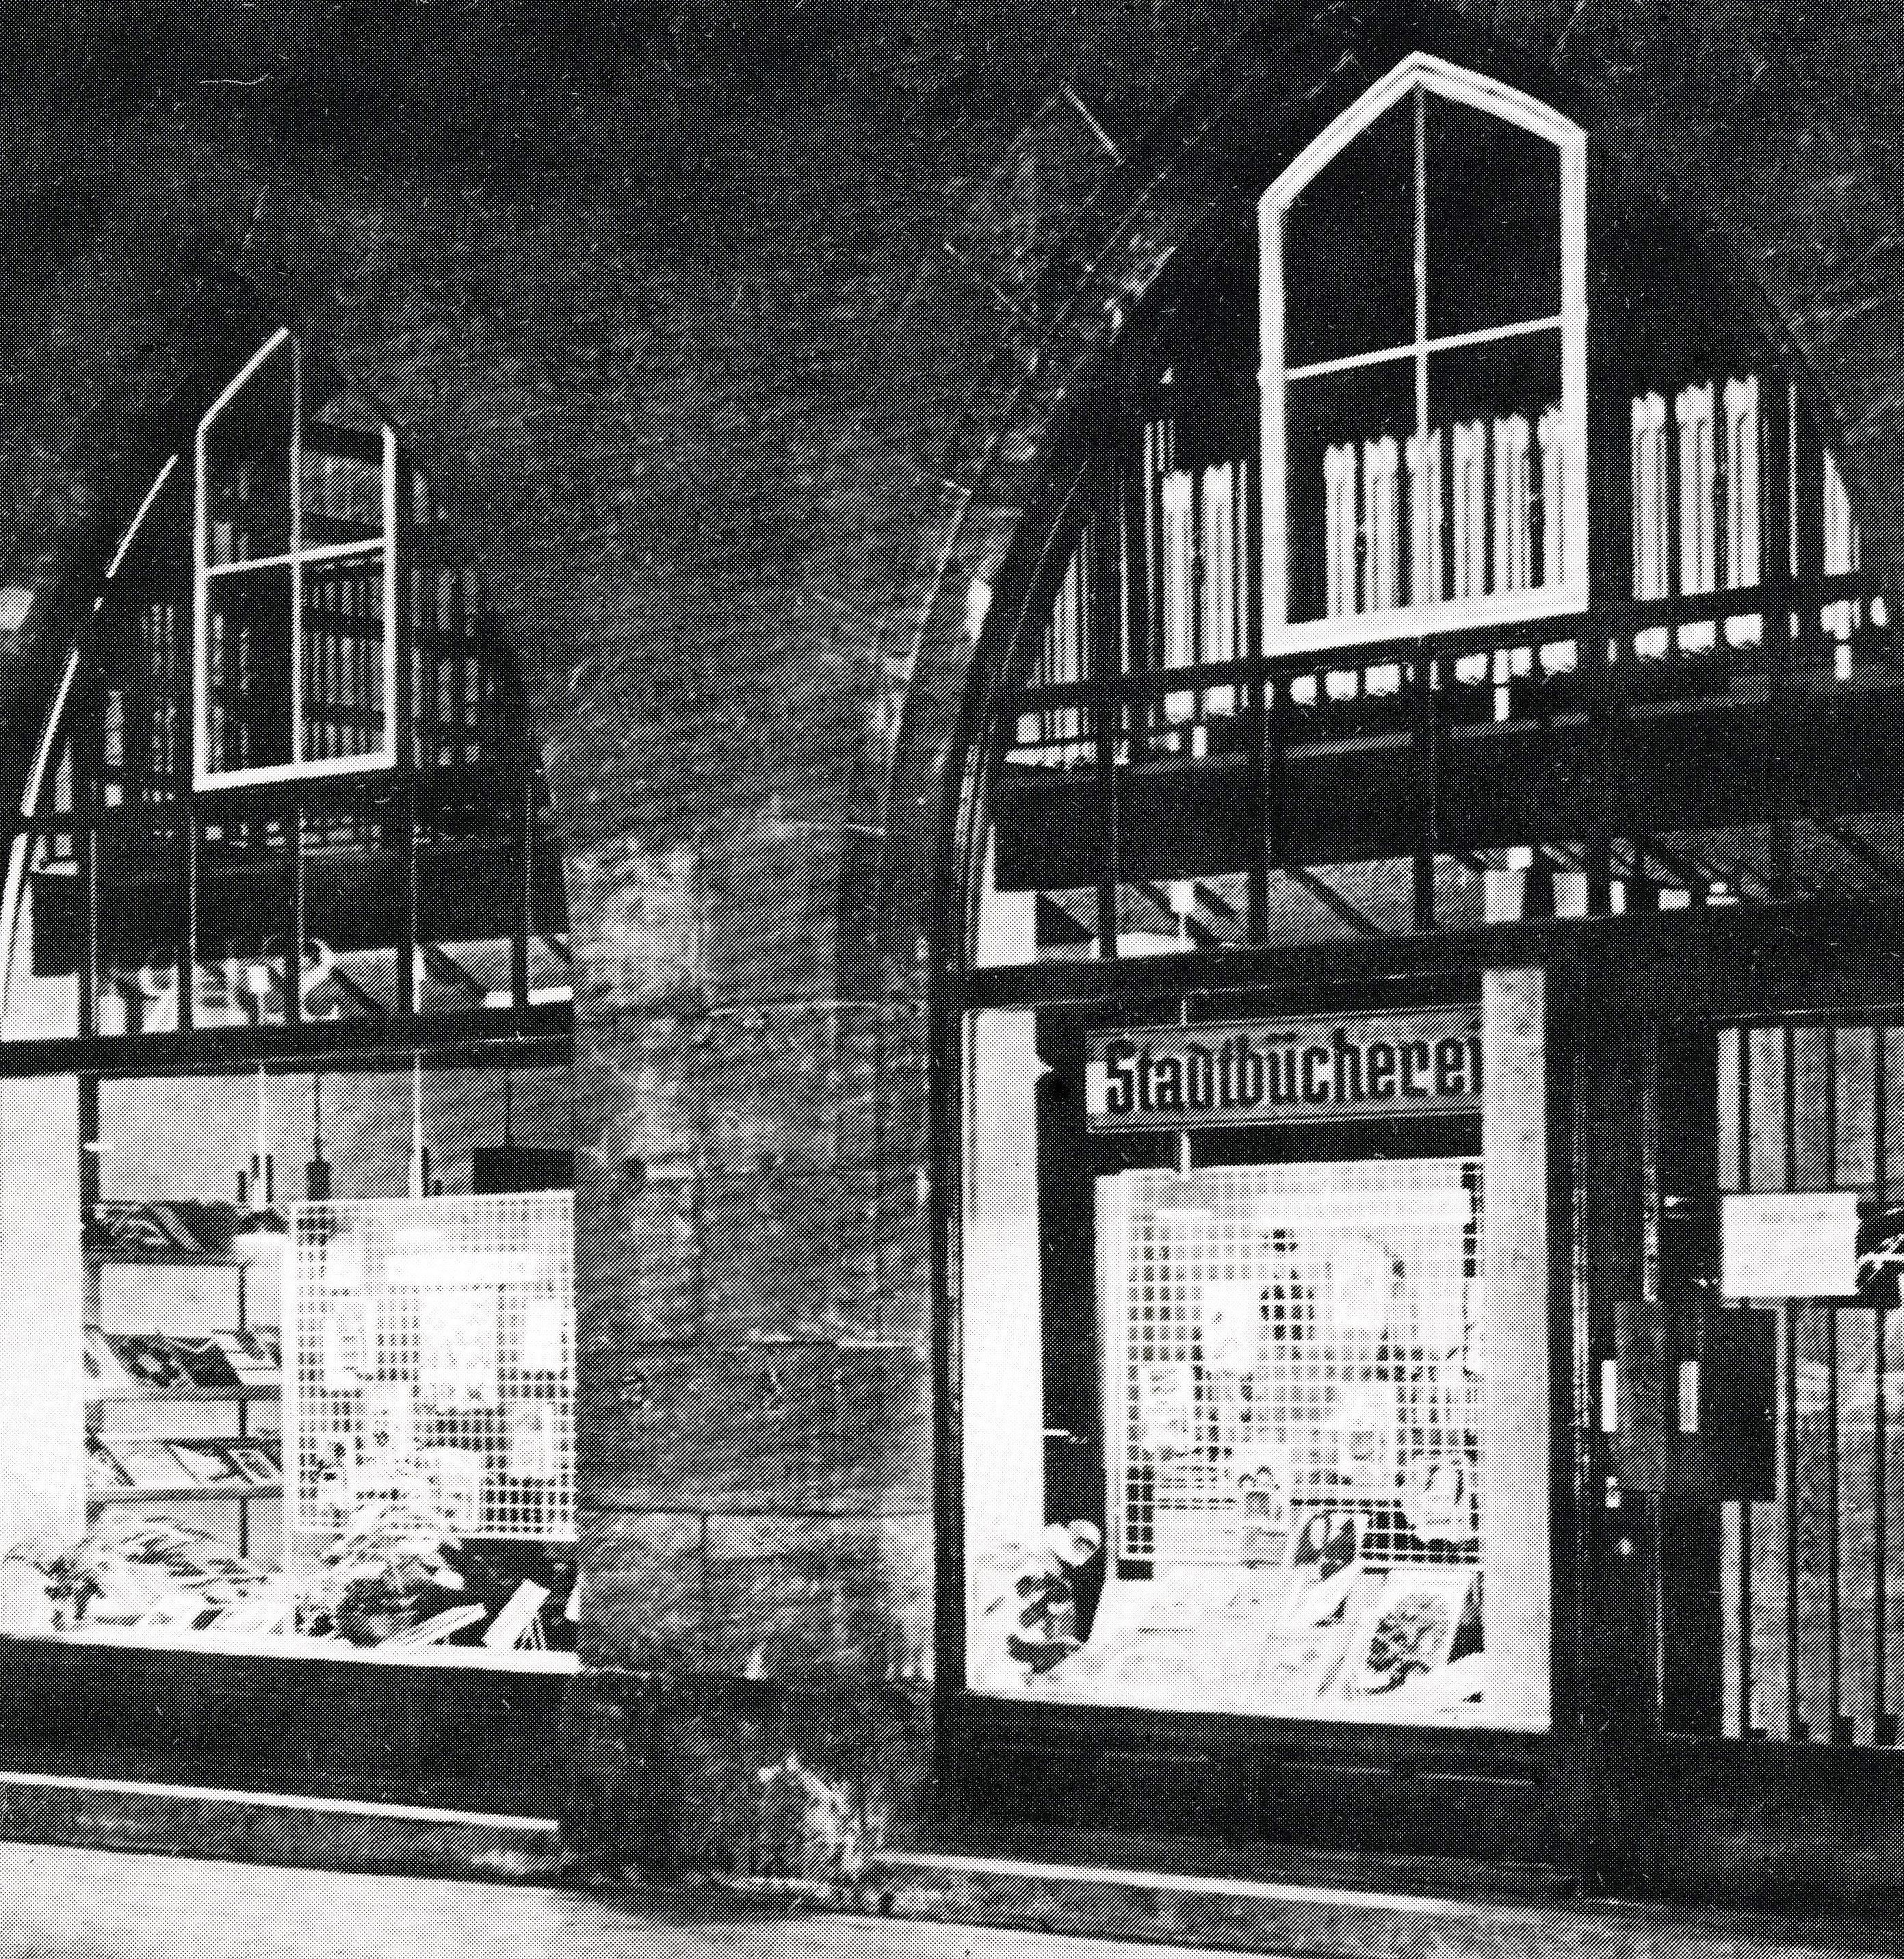 """Die Stadtbücherei im ehemaligen Schokoladenhaus. Das Entstehungsjahr der Aufnahme ist unbekannt, sie wurde der Broschüre """"Raseliushaus Amberg"""" entnommen."""